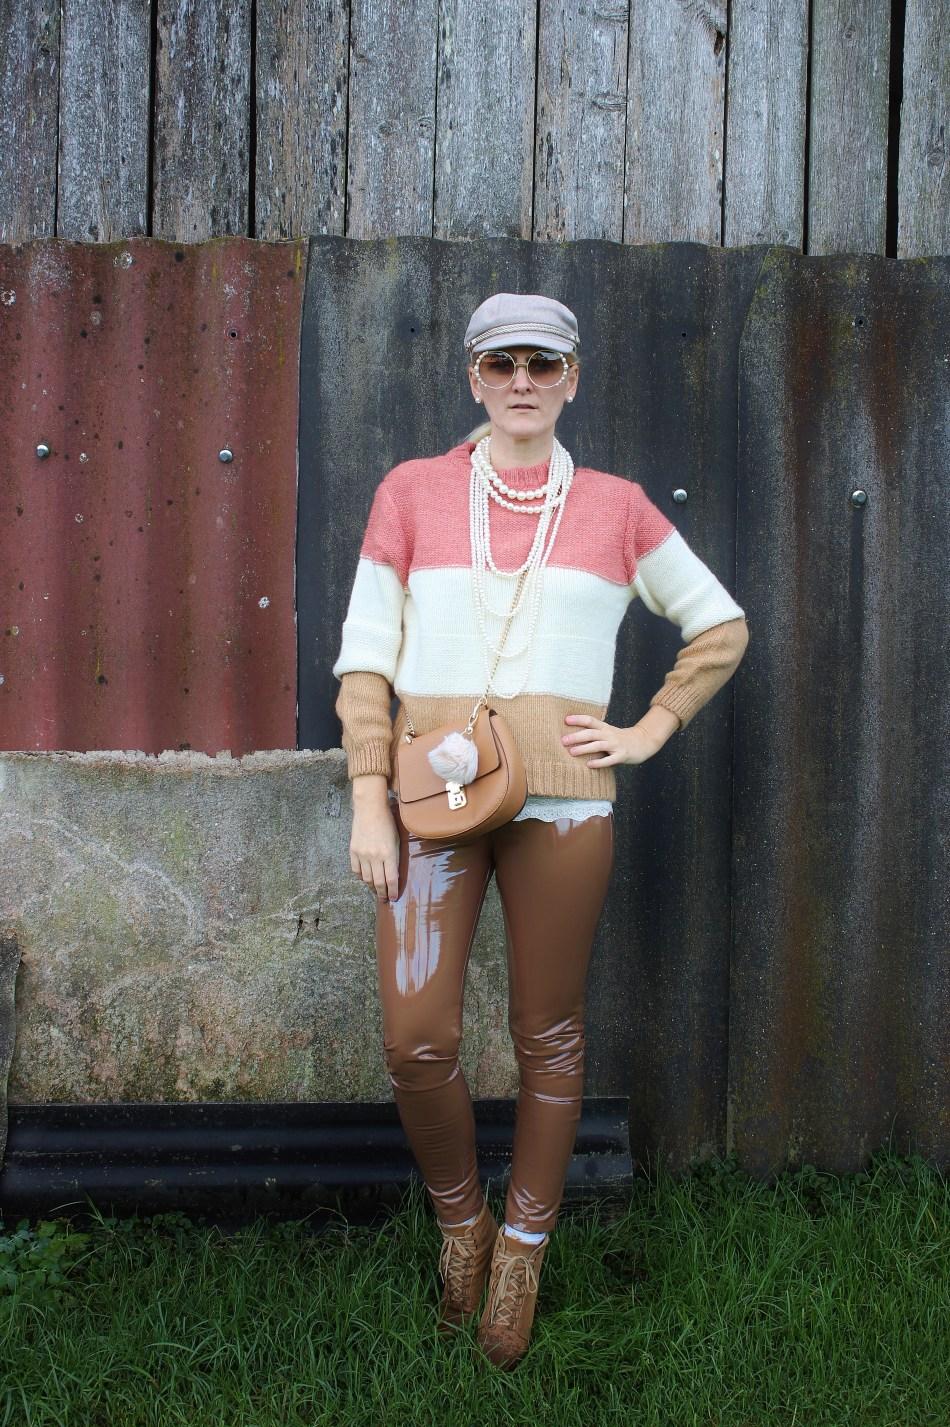 Vinyl-Pants-Trend-Pearls-carrieslifestlye-Tamara-PRutsch-Wie-trägt-man-Lack-